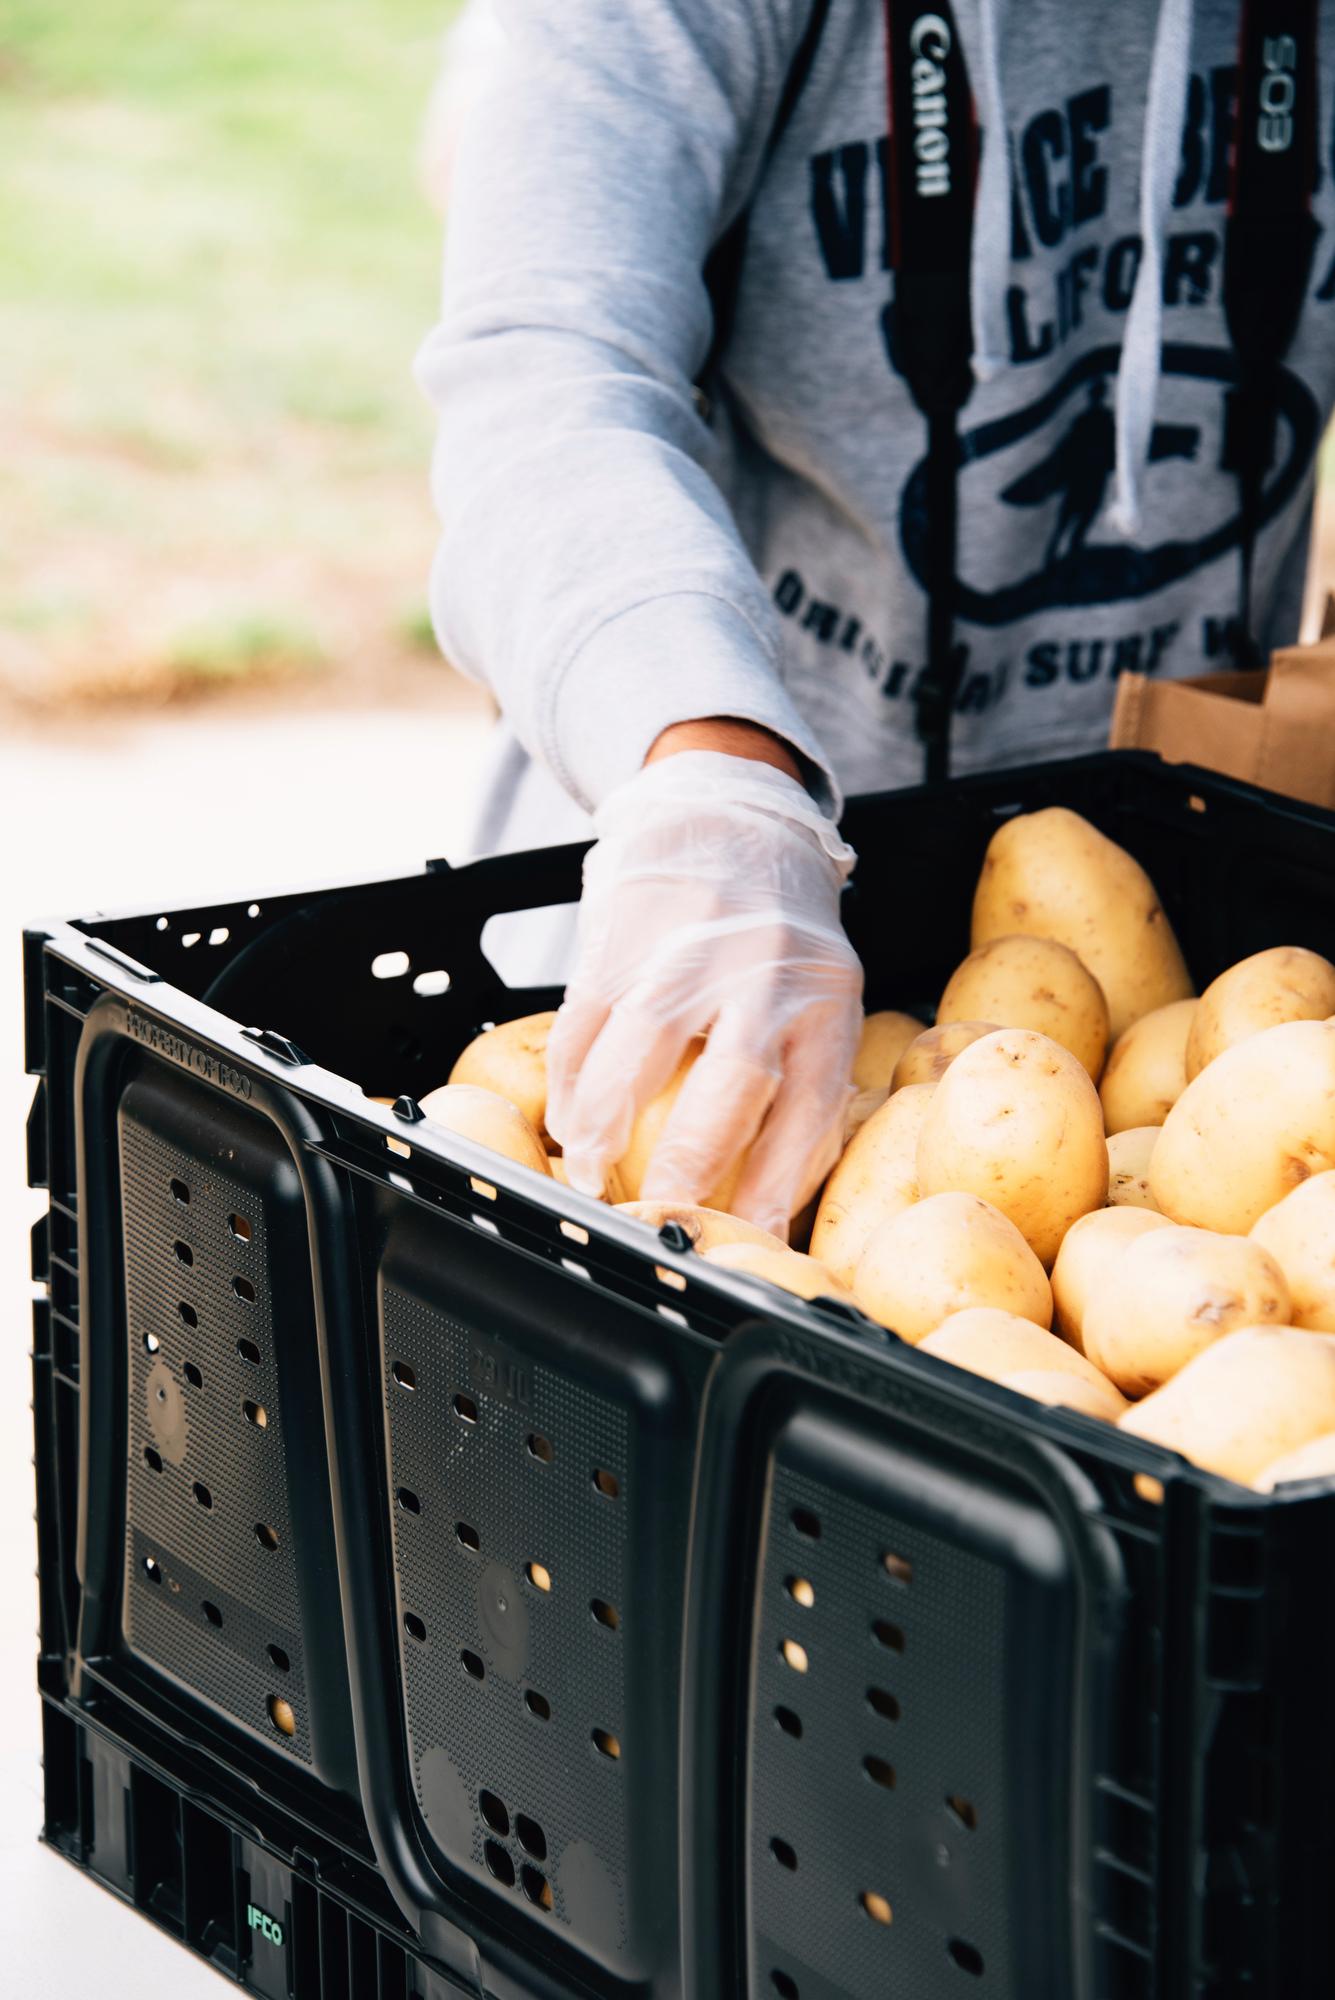 FoodForward_RebeccaPeloquin_029.JPG